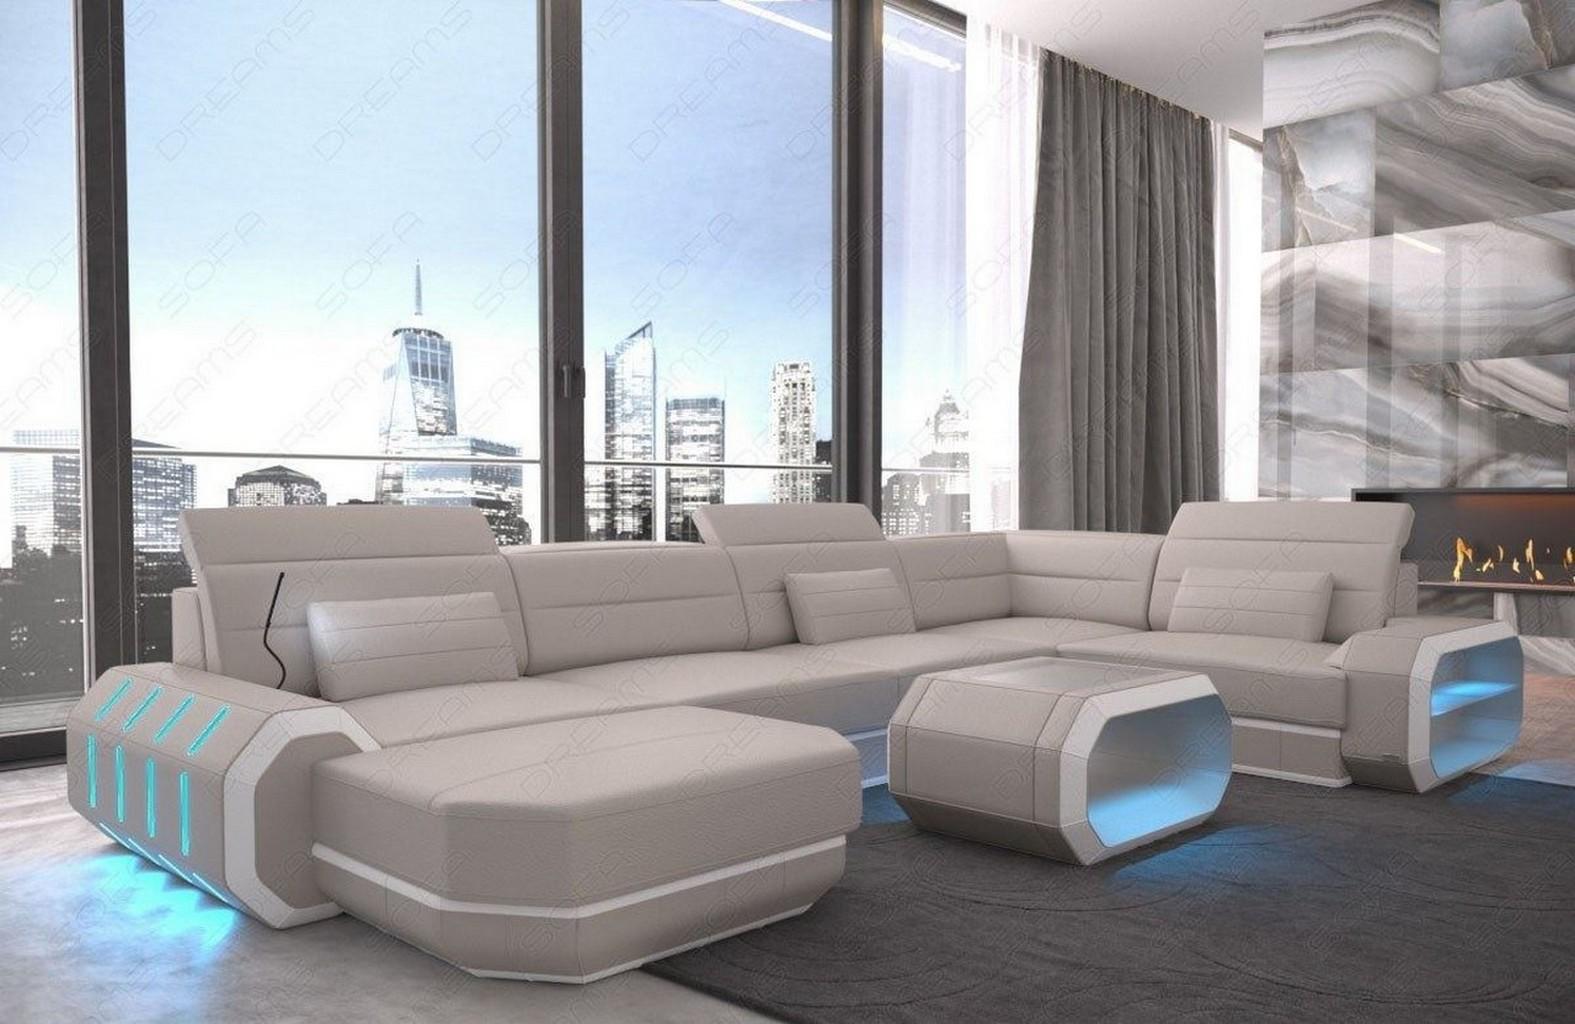 Wohnlandschaft xxl design ledercouch roma wohnzimmer - Wohnzimmer weiay beige ...